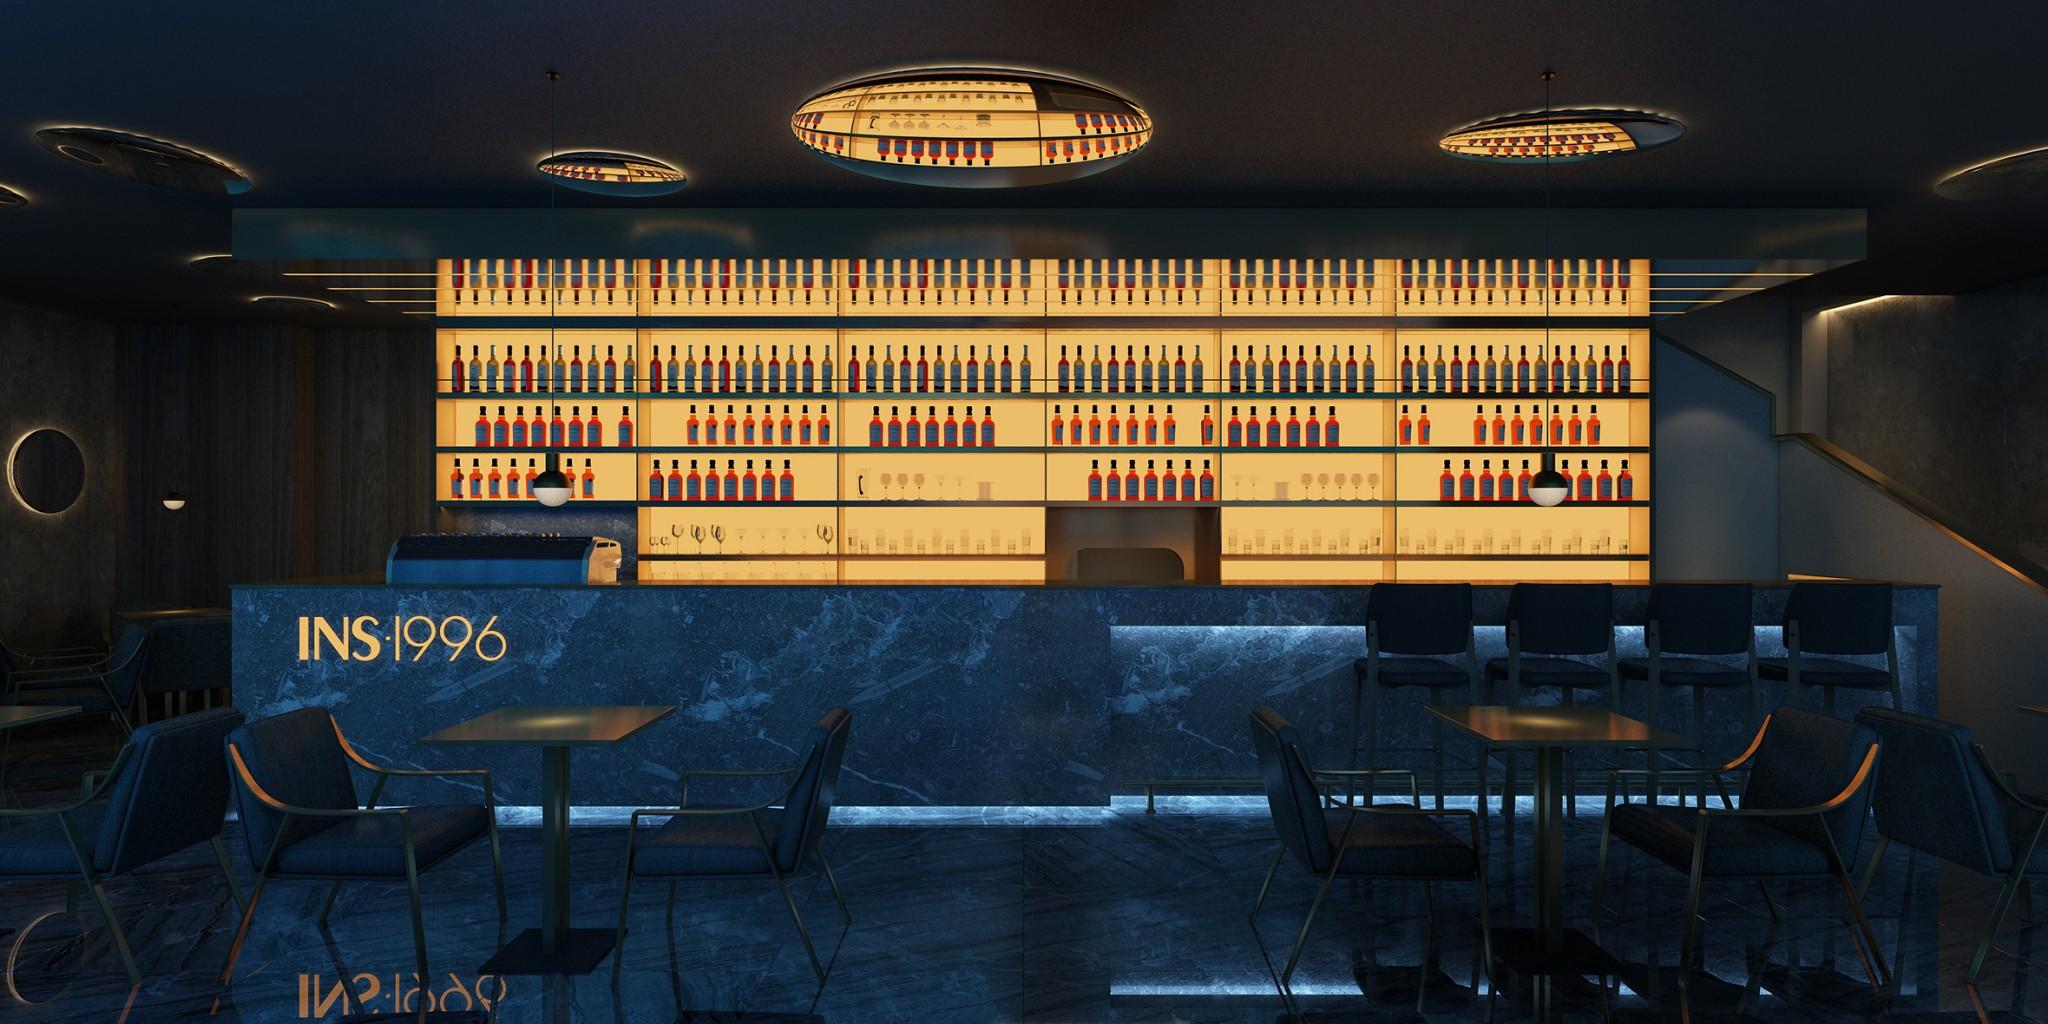 酒吧商业空间设计-INS19962e26d3425147714defb8cff6667ef6b1